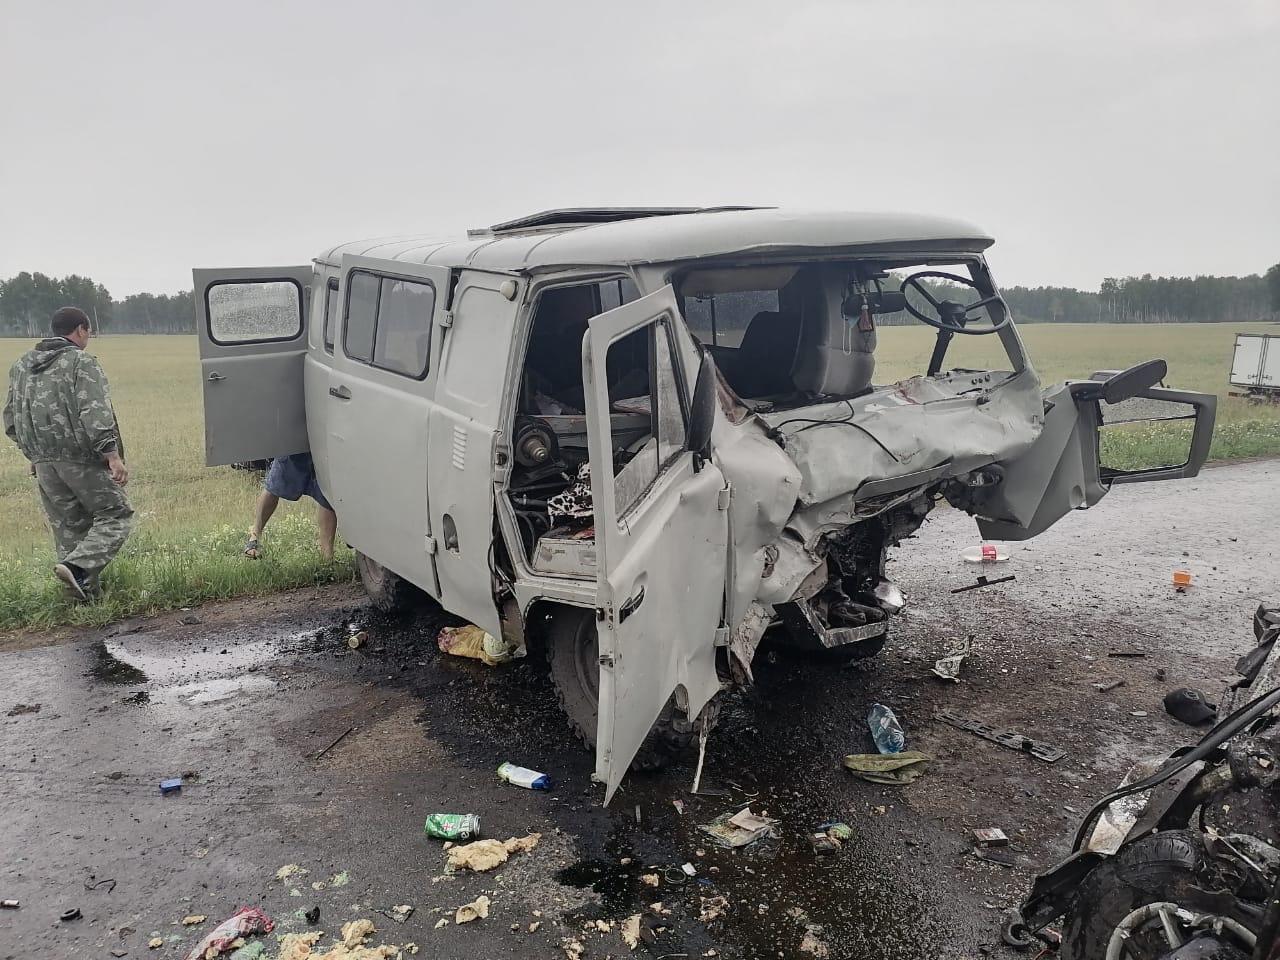 Страшное ДТП в Омской области: 3 человека погибли и 8 пострадали #Новости #Общество #Омск